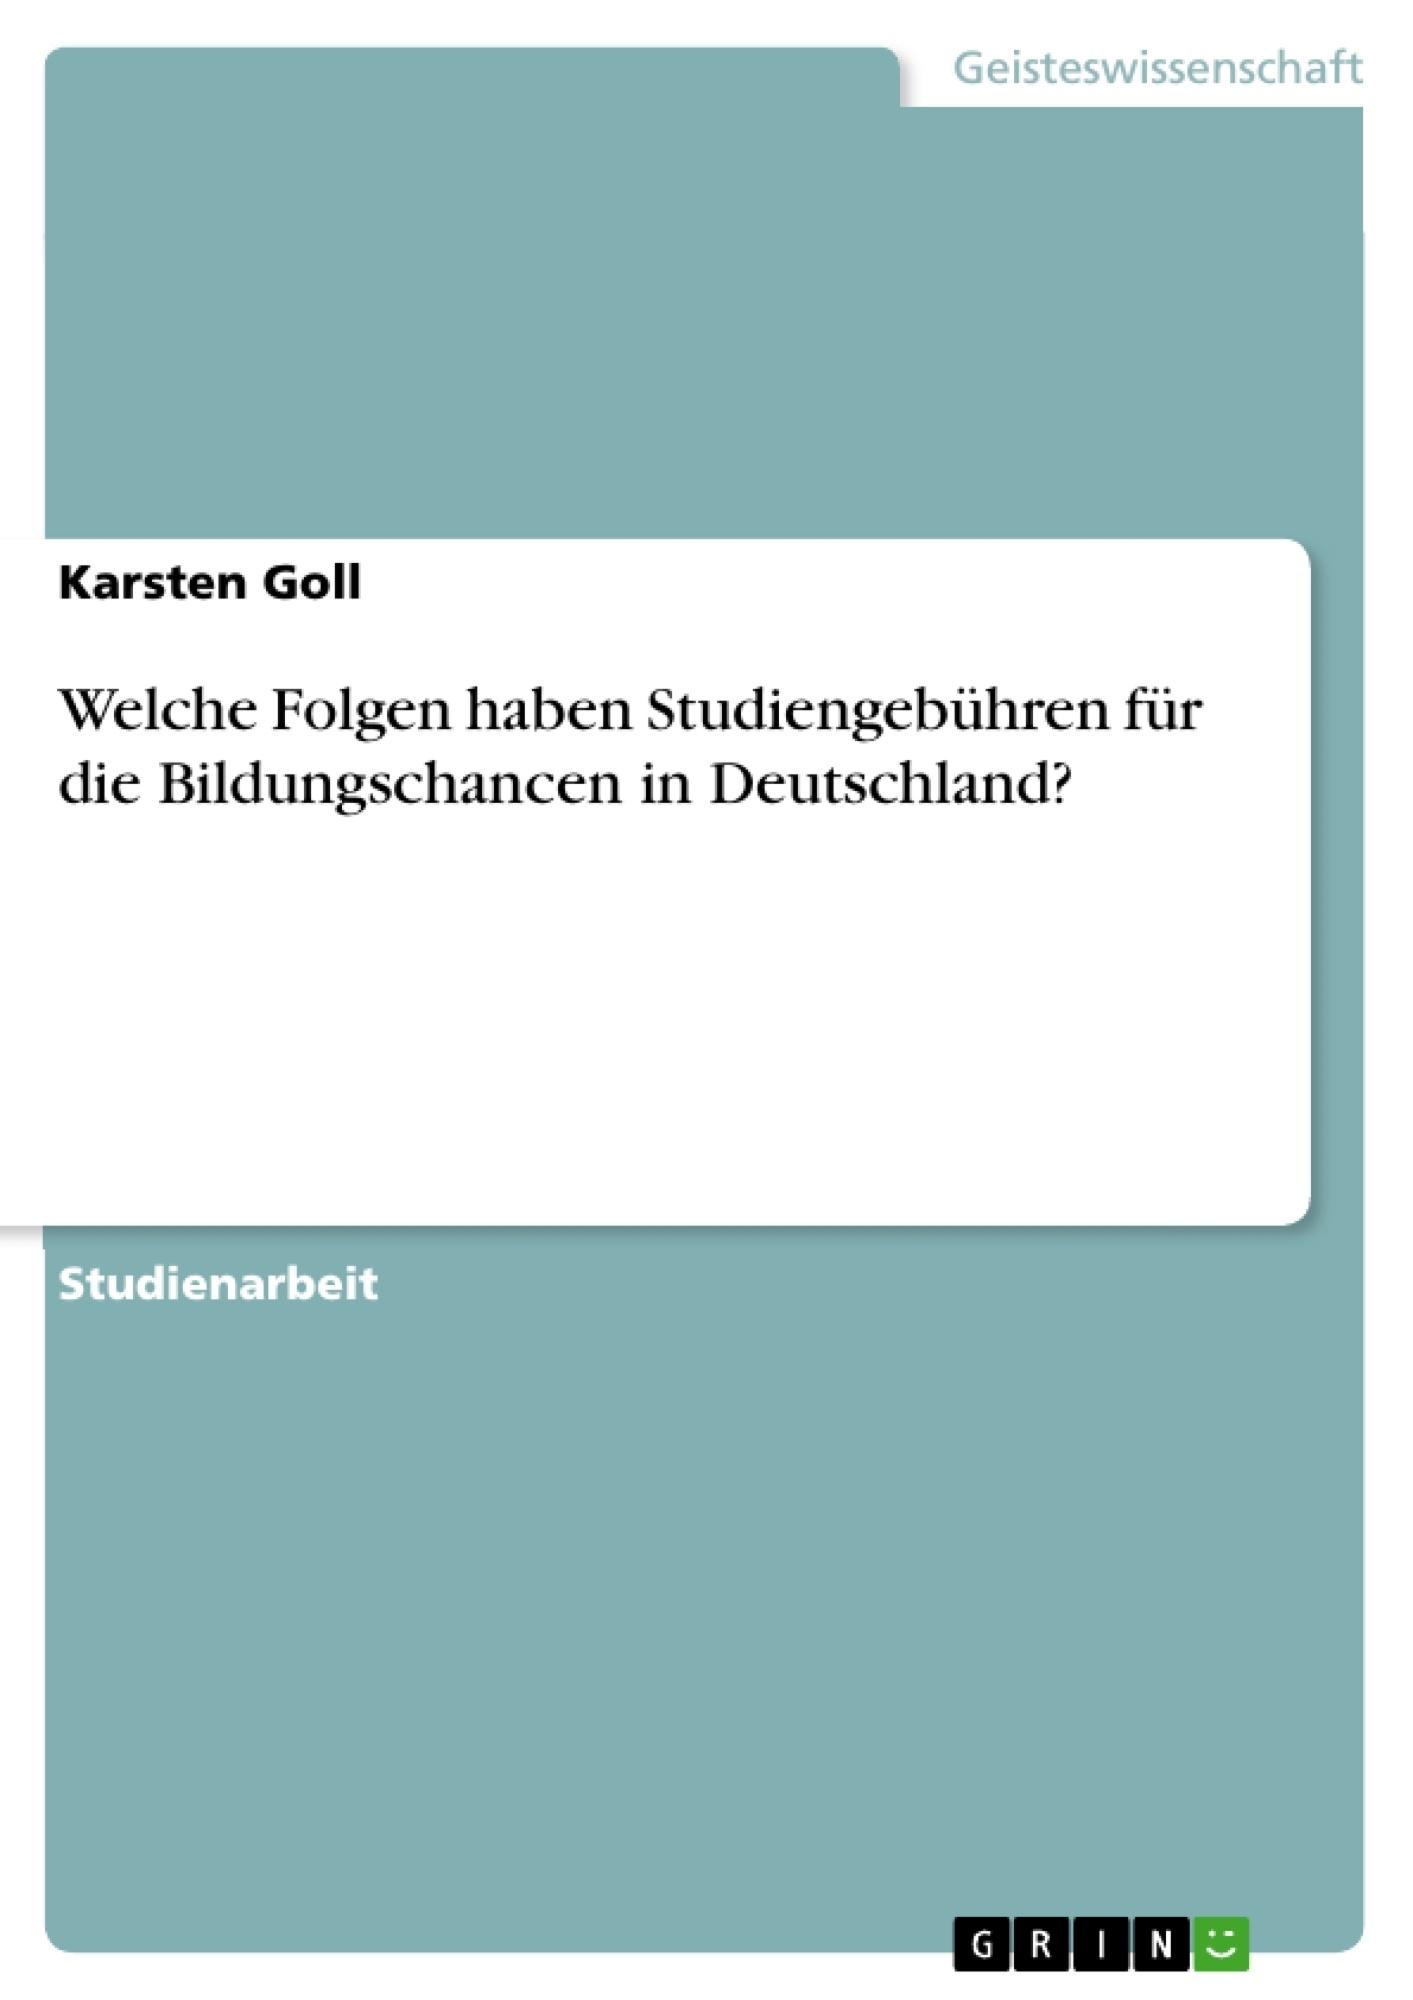 Titel: Welche Folgen haben Studiengebühren für die Bildungschancen in Deutschland?